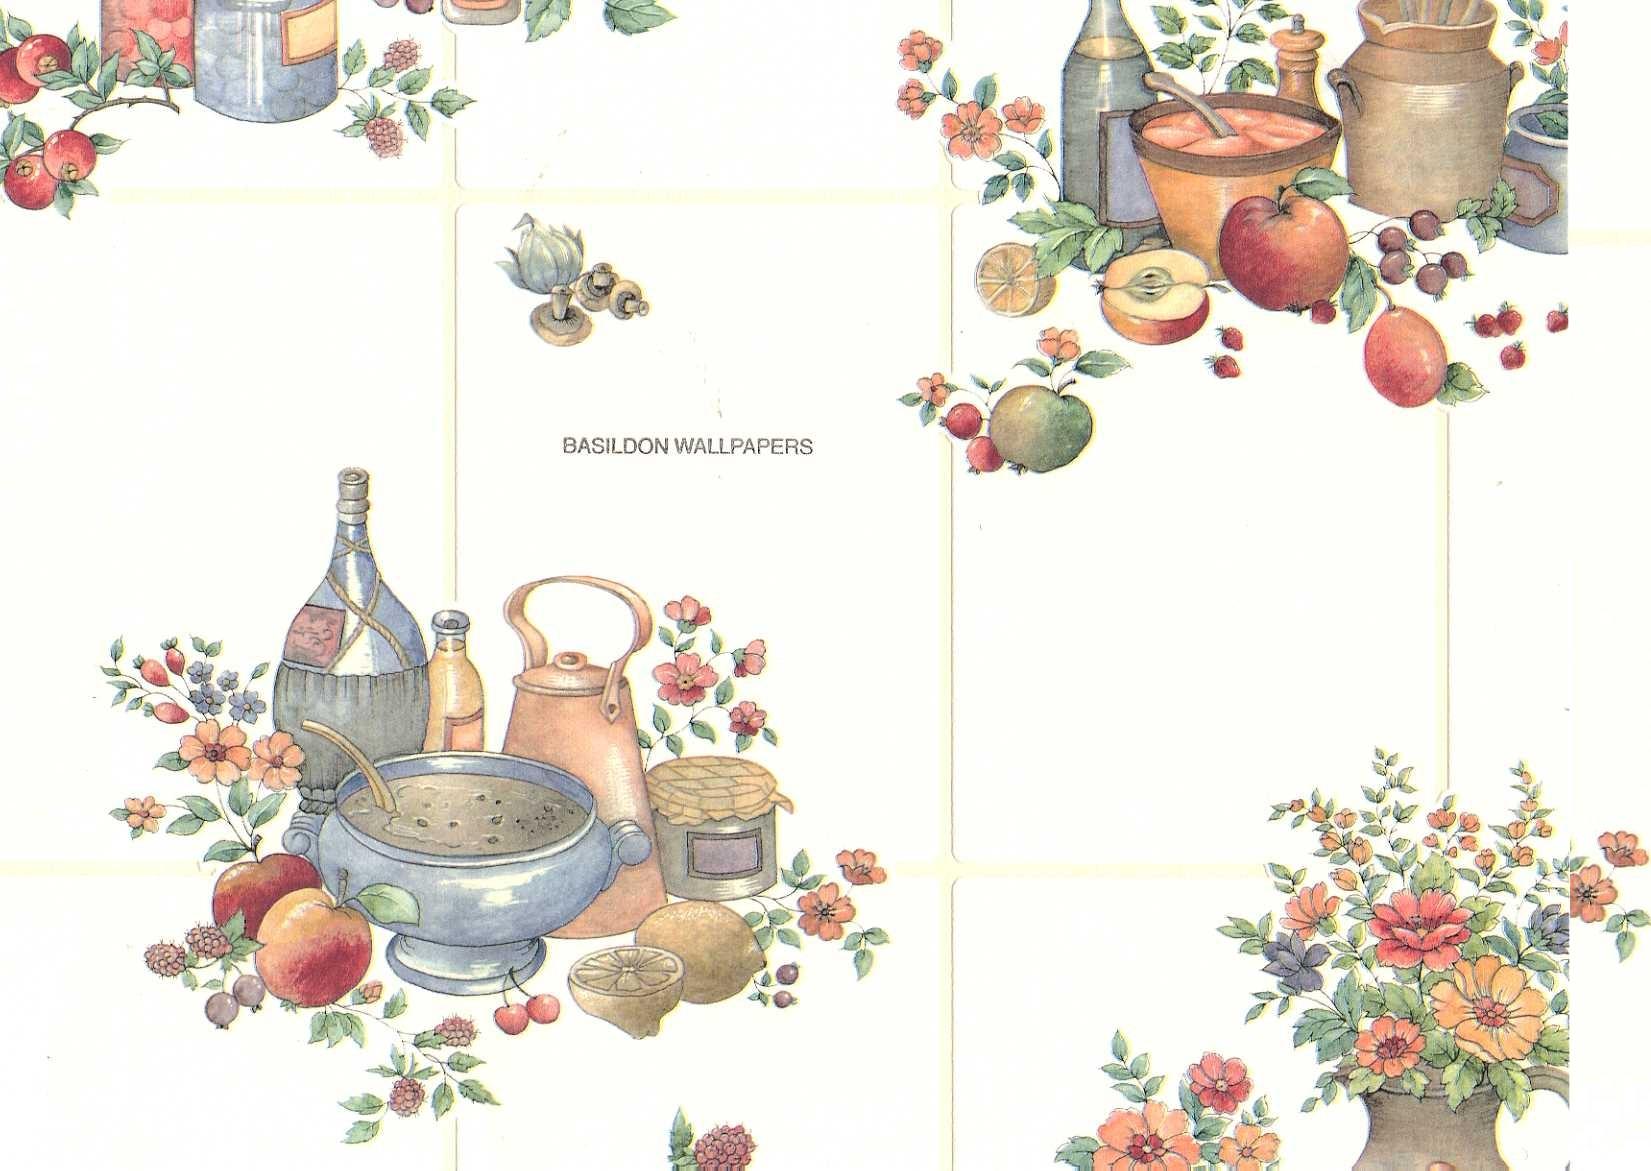 wallpapers and borders to buy online wallpaperandborderscouk 1651x1171